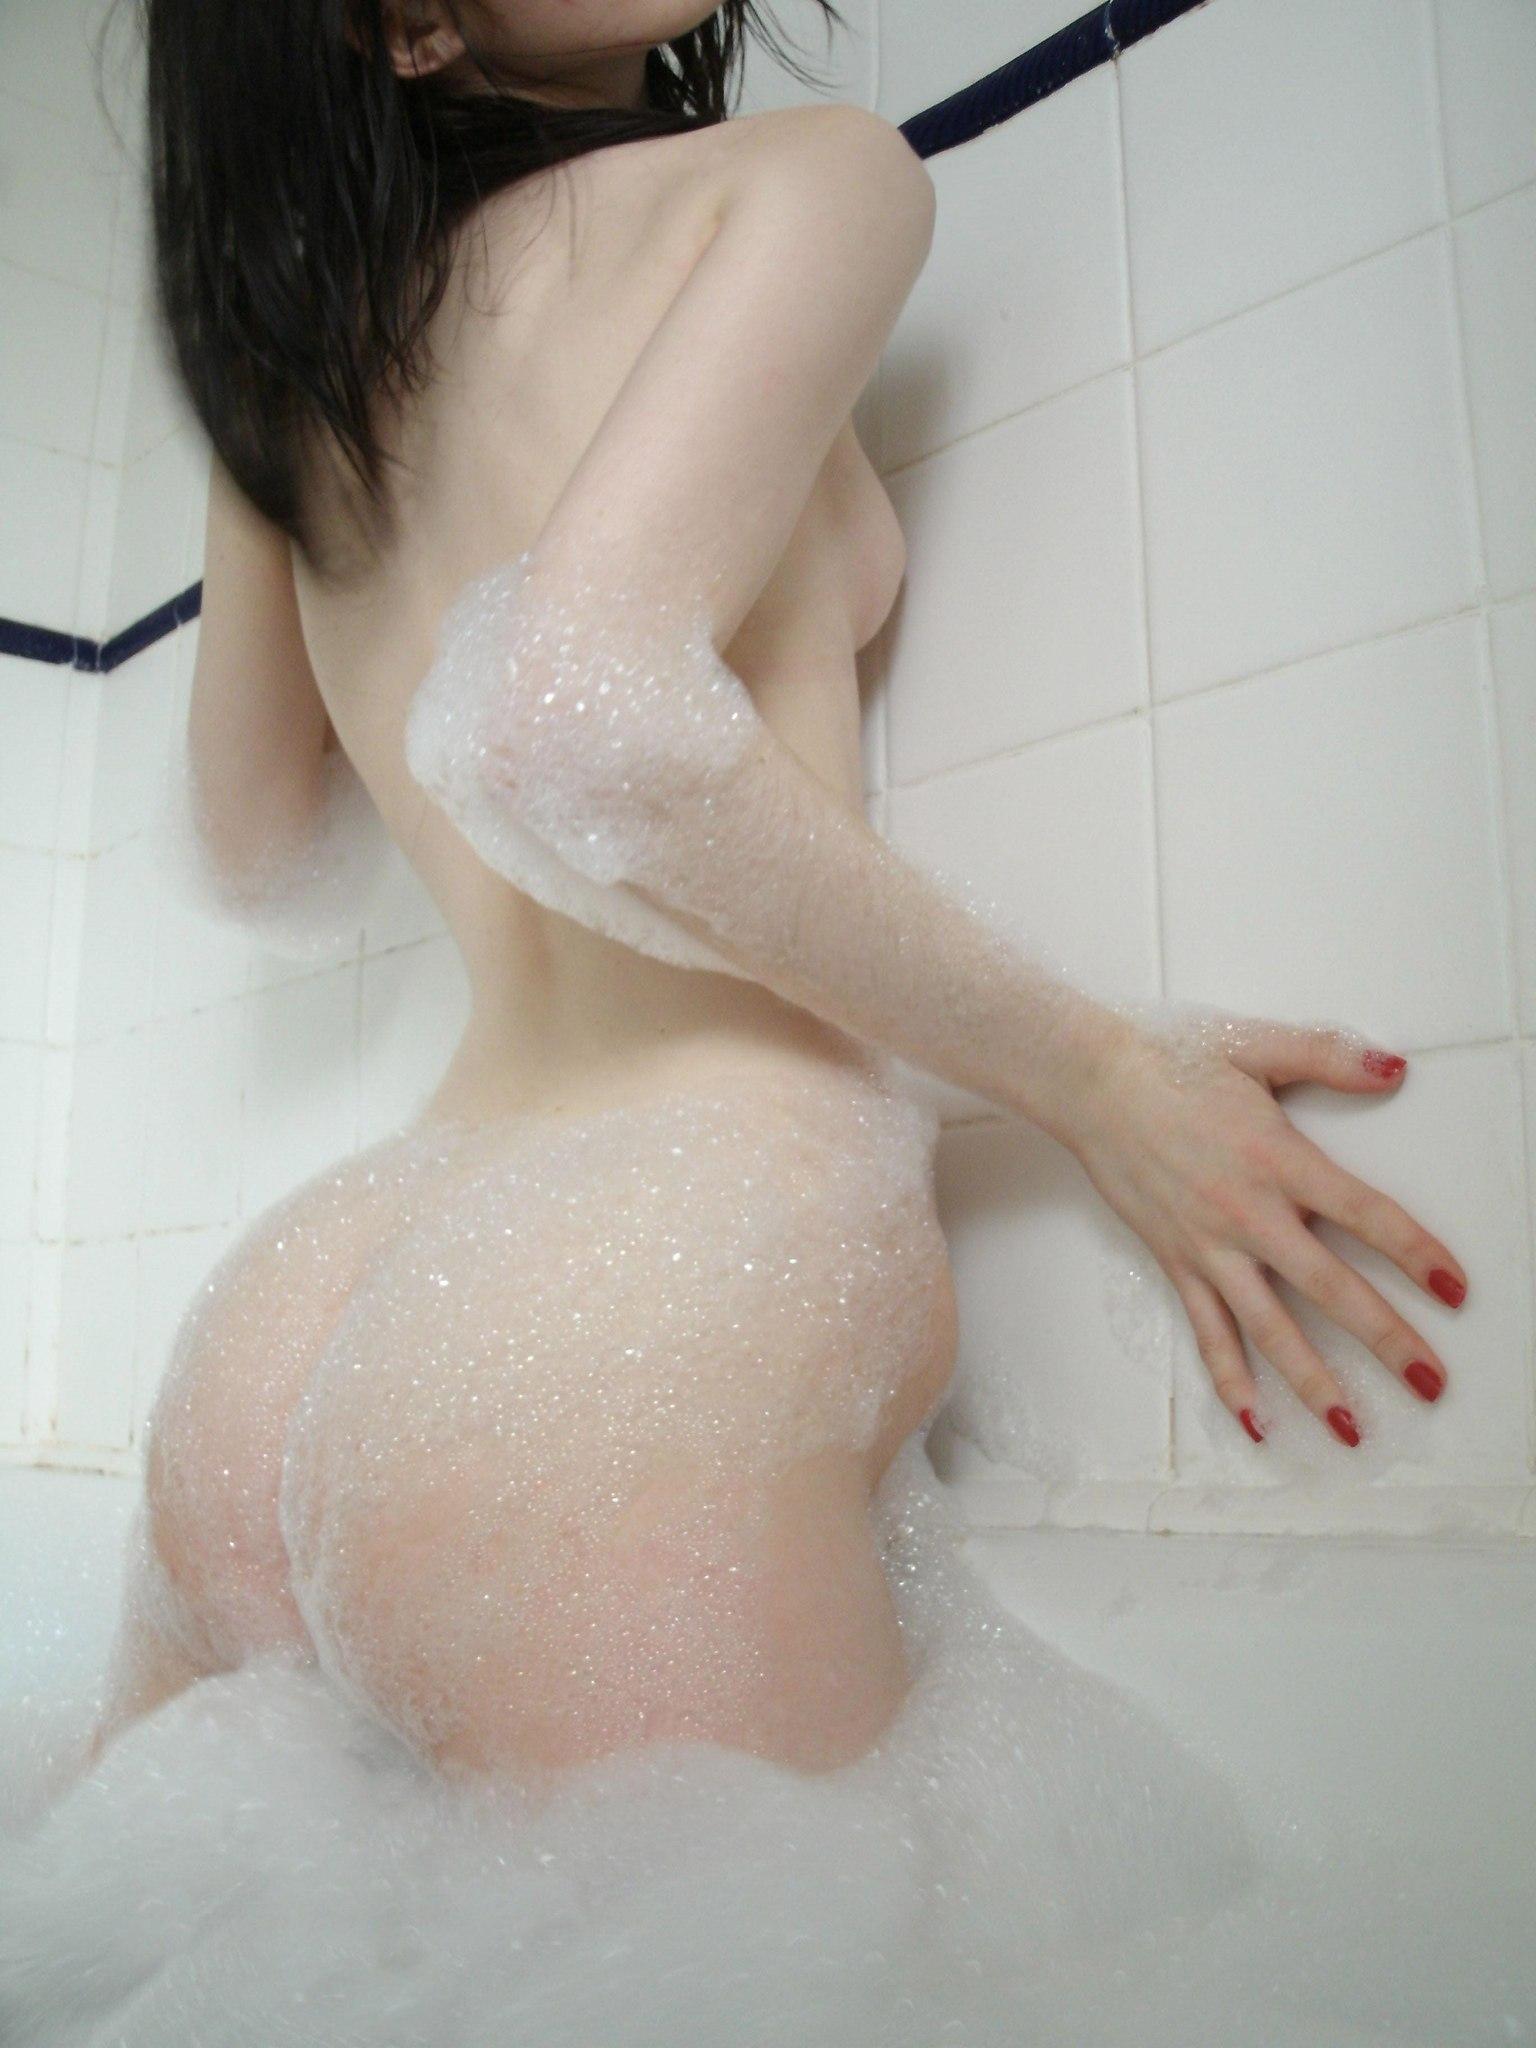 Эро фото секса в ванной 31 фотография